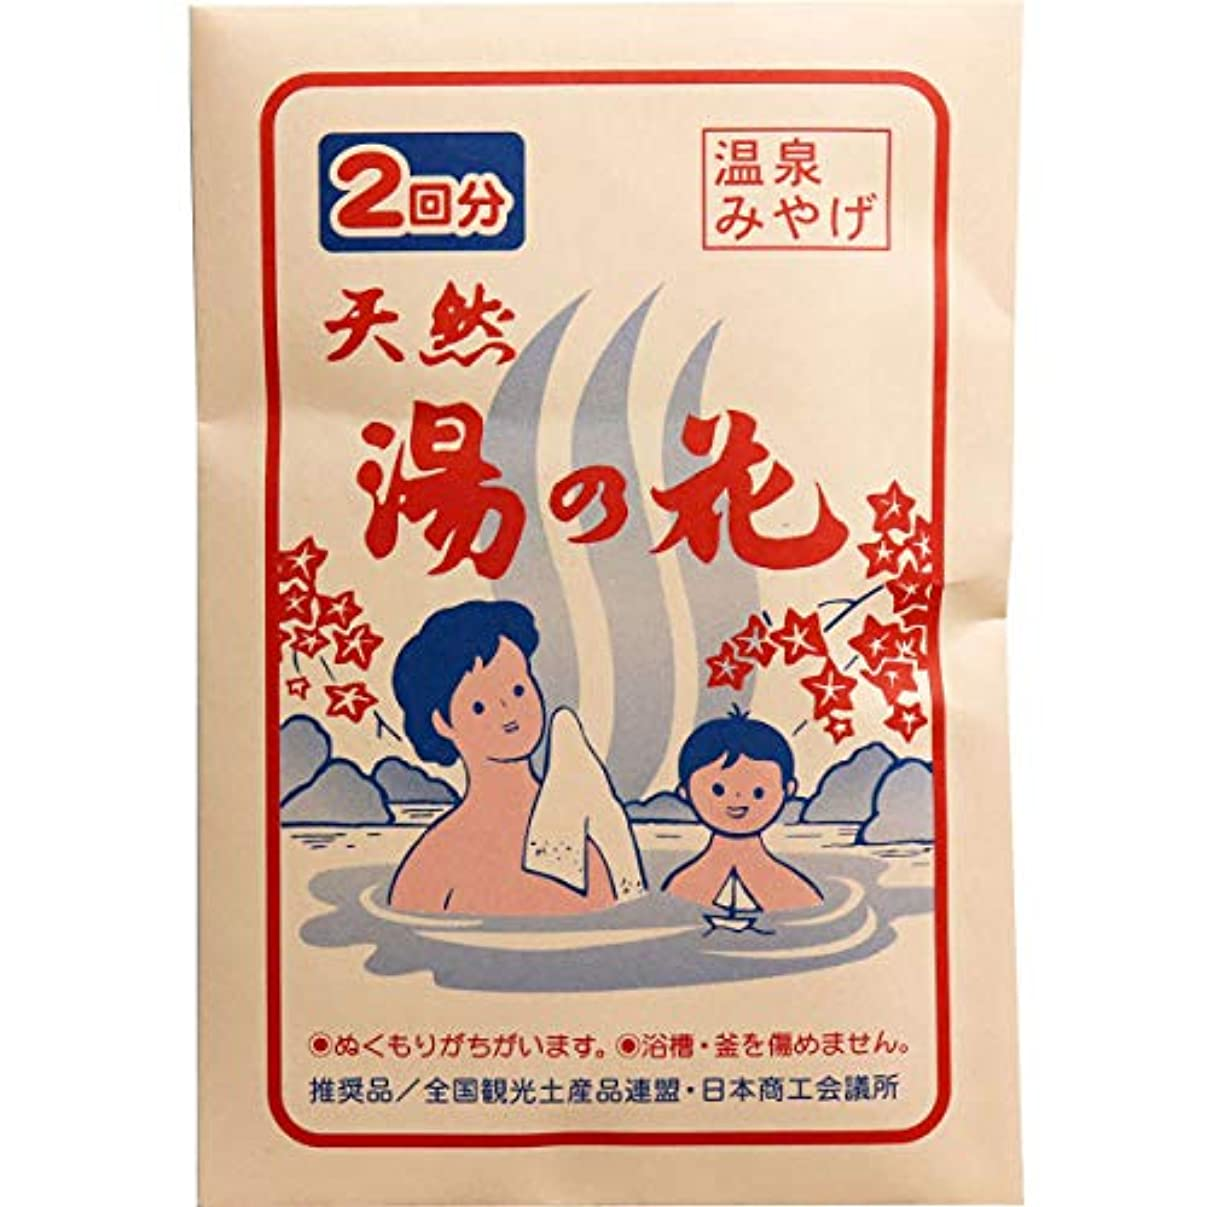 うまくやる()スリップ革新天然湯の花 小袋分包2回分 KA-2 15g×2包入